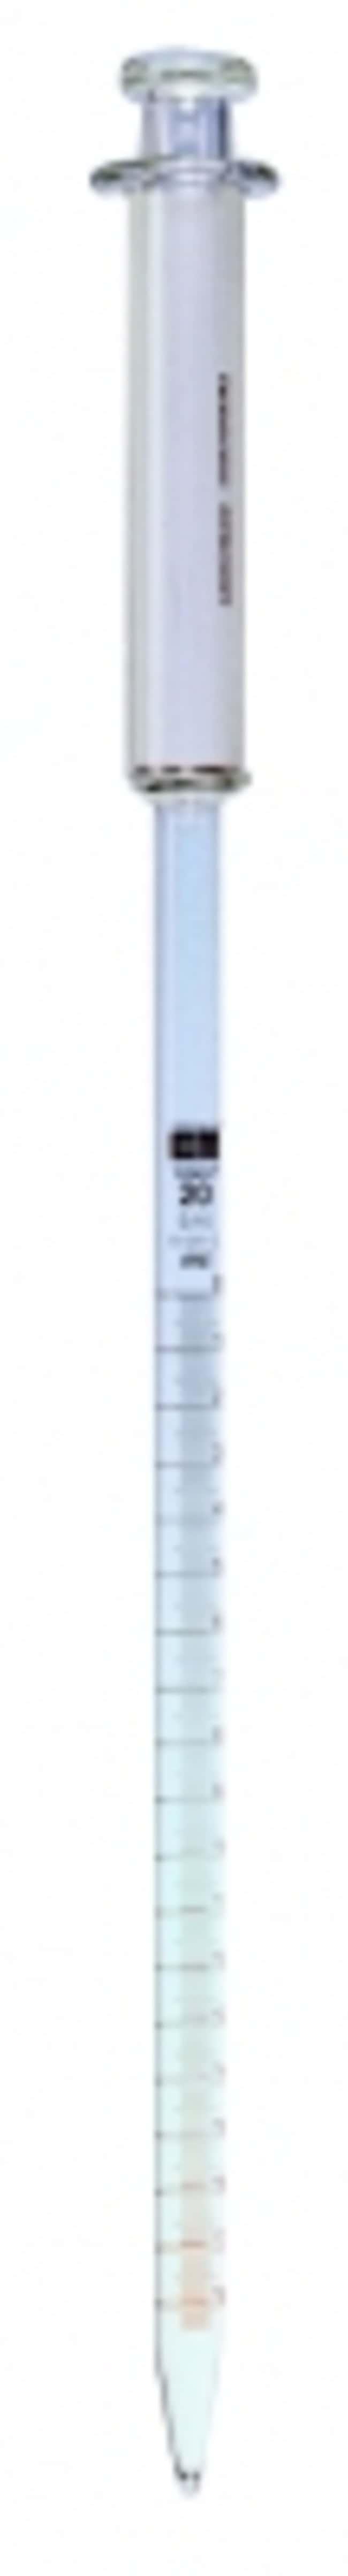 Hirschmann Instruments™Pipeta graduada con pistón de succión: Pipetas Pipeteadores, pipetas y puntas de pipetas | Fisher Scientific